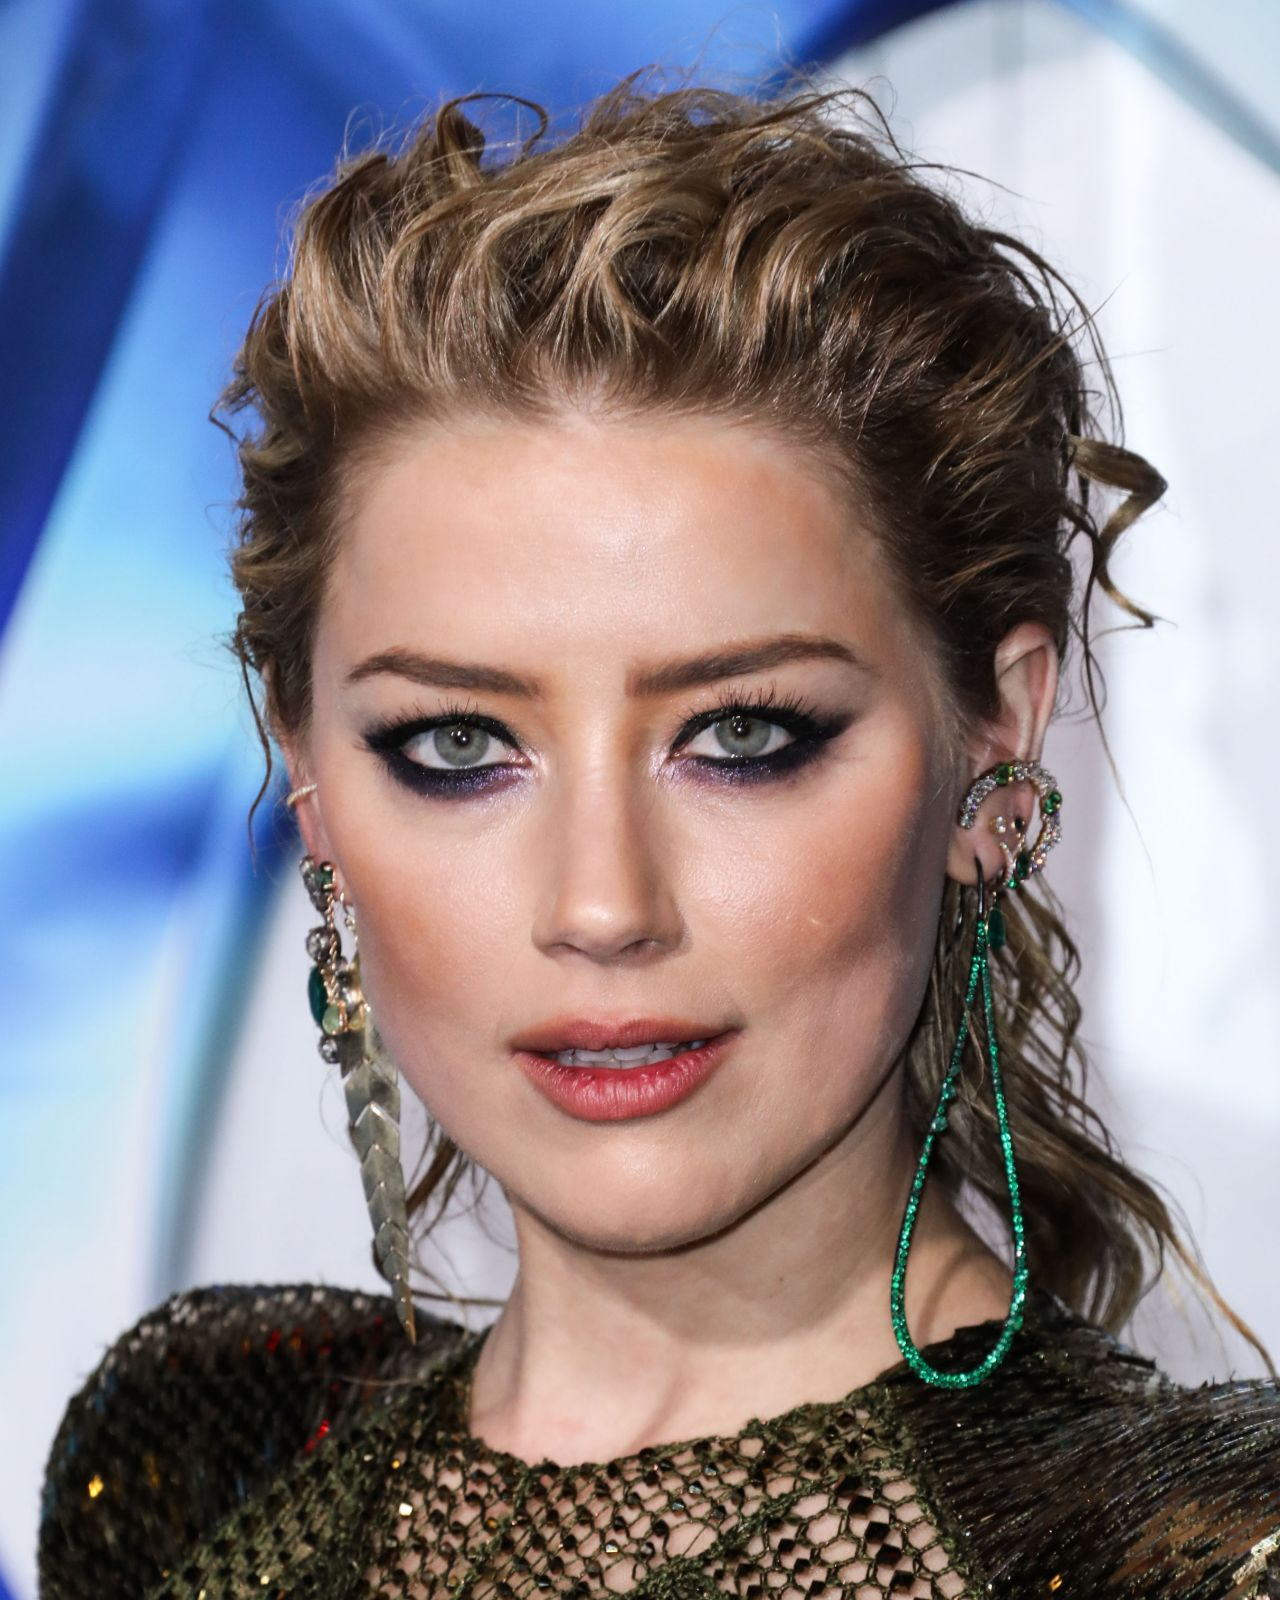 Amber Heard - Aquaman Premiere in LA • CelebMafia